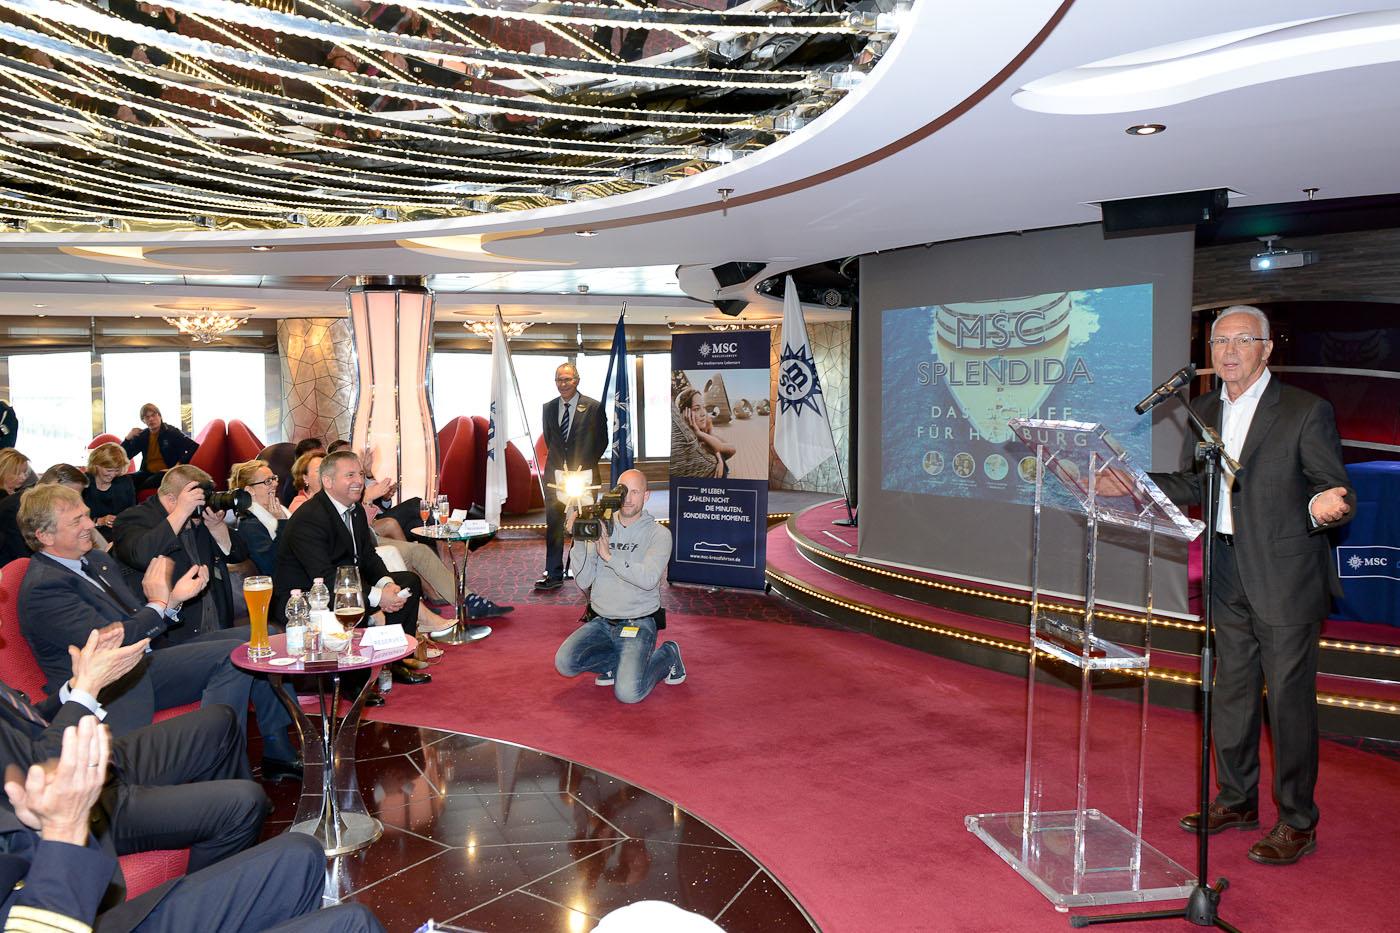 Franz Beckenbauer, Pressekonferenz MSC Splendida